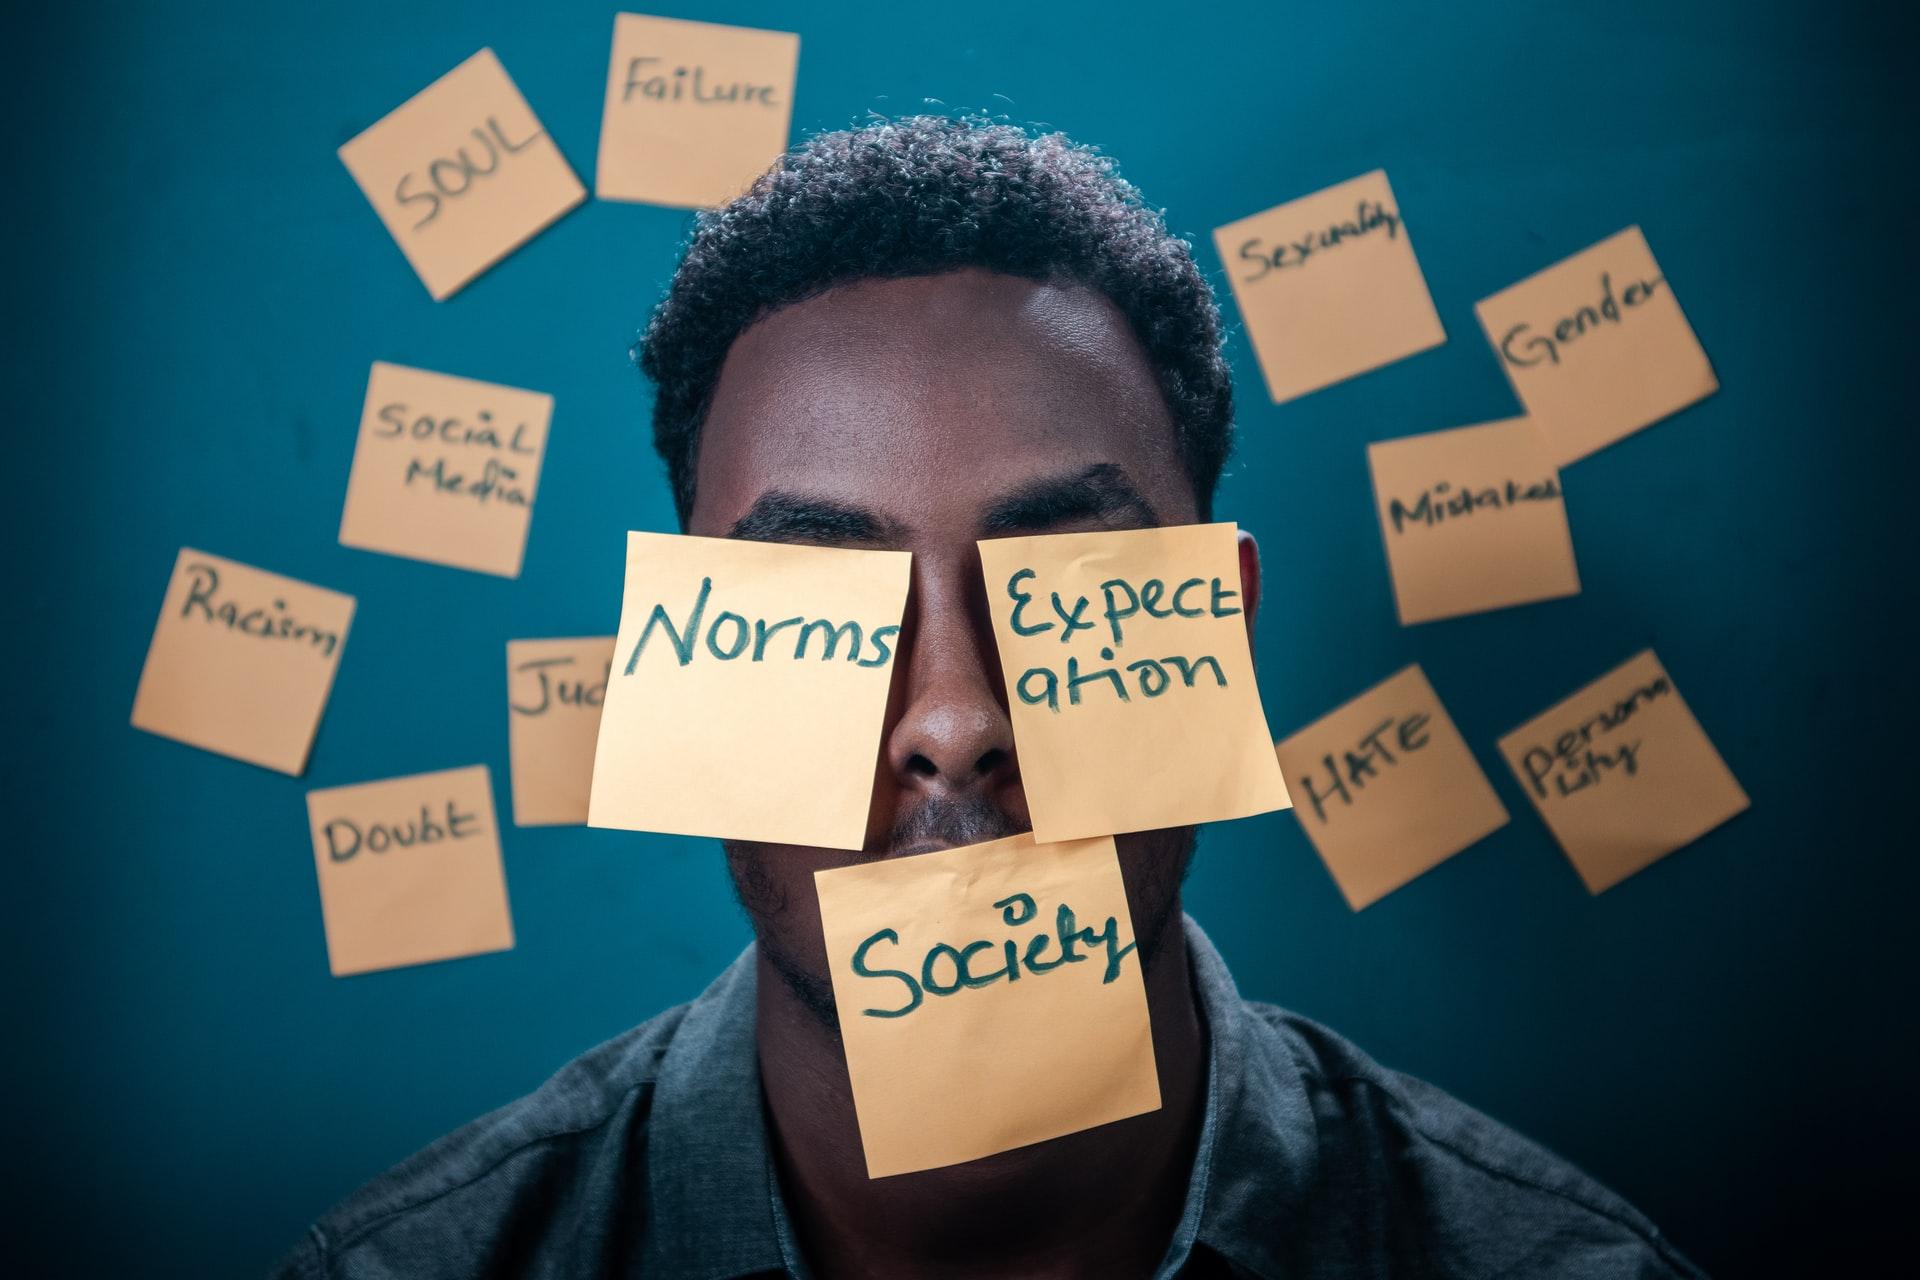 exprimarea emotiilor este foarte importanta. Exprimarea emotiilor iti mentine sanatatea mintala